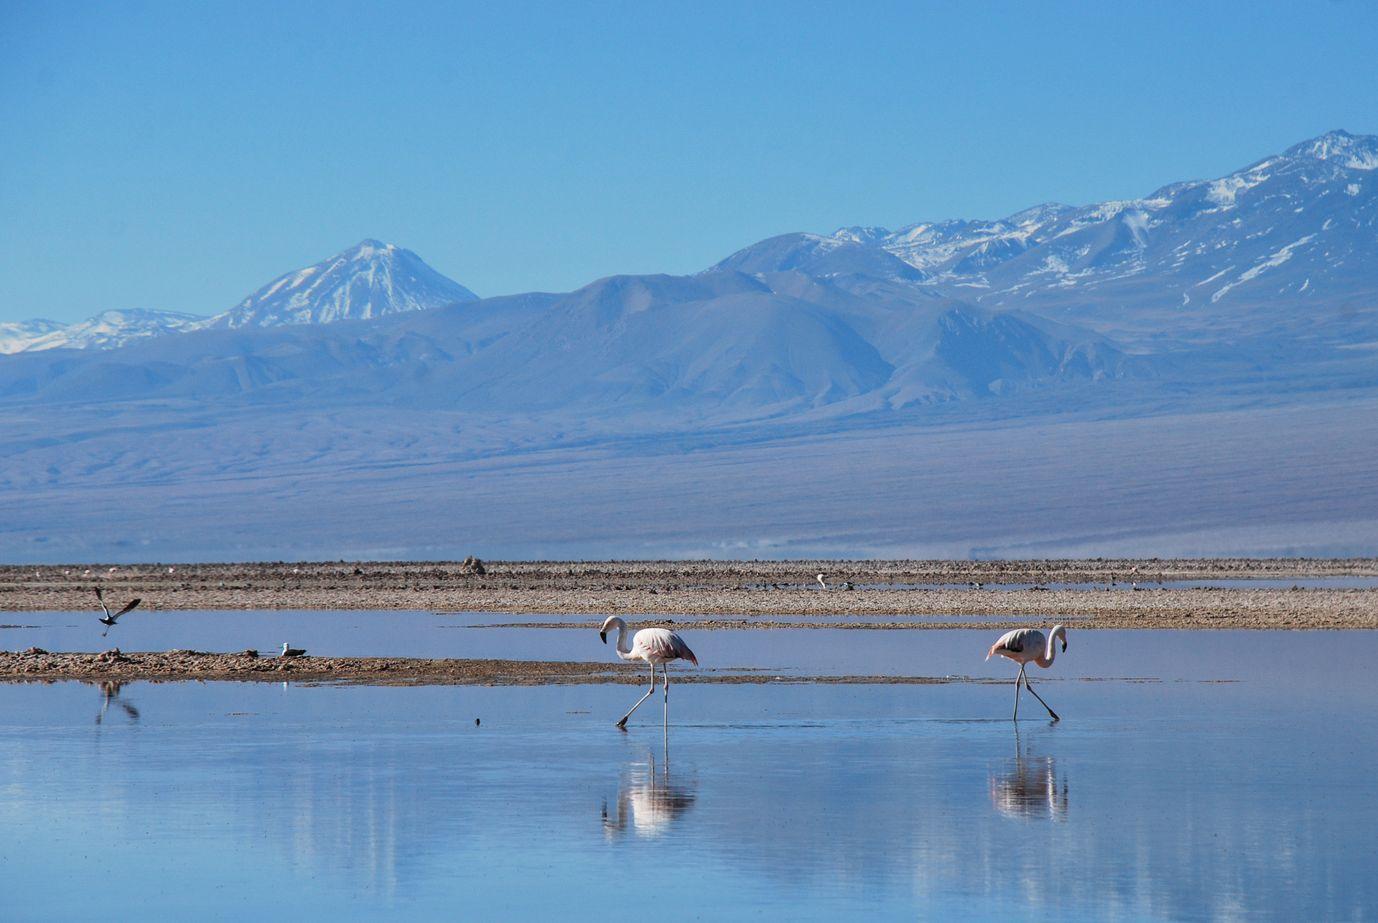 Atacama_Flamands